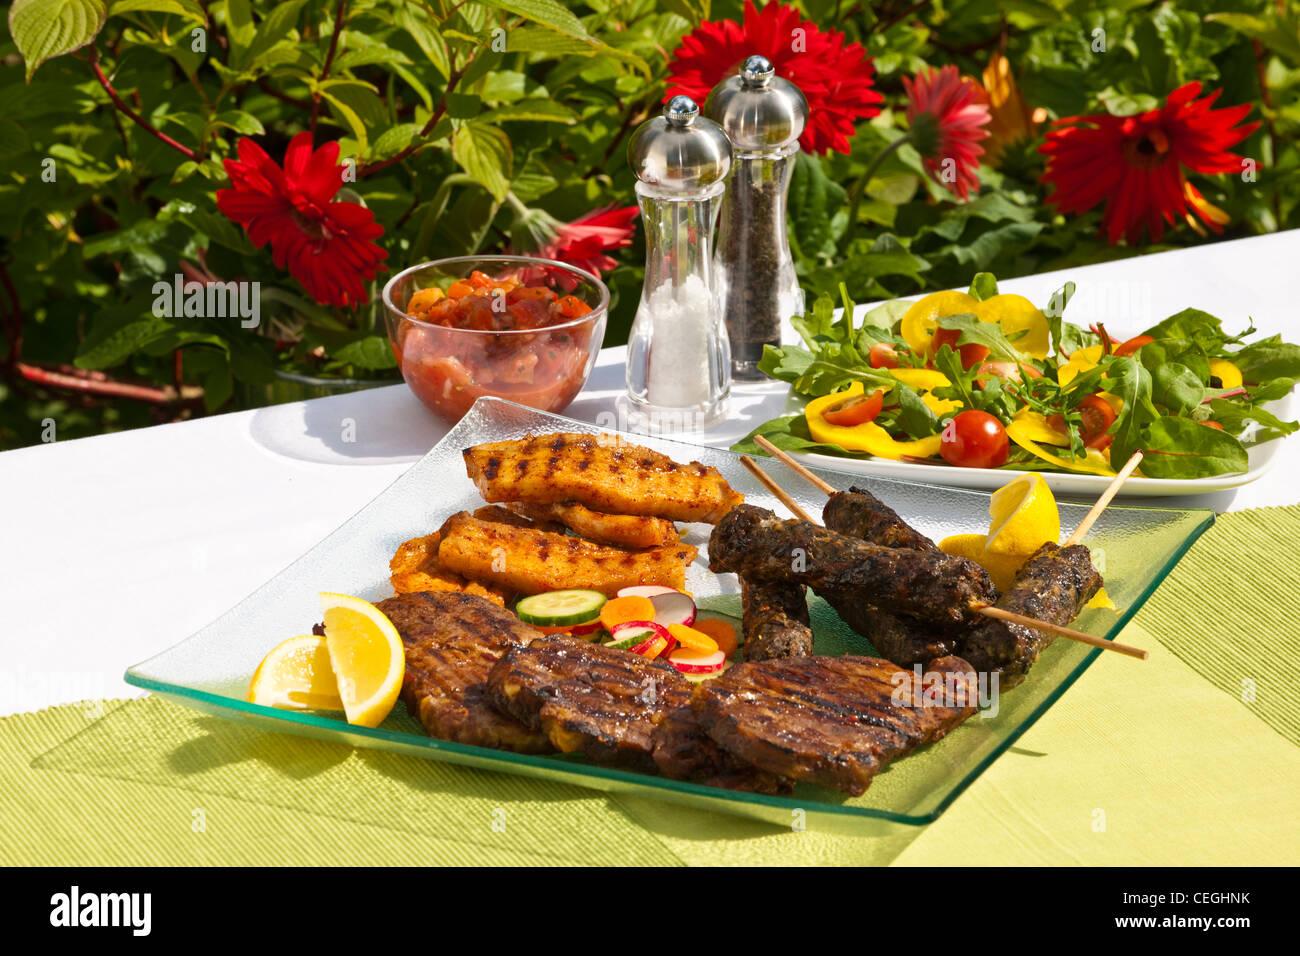 Sommer BBq Essen Stockbild